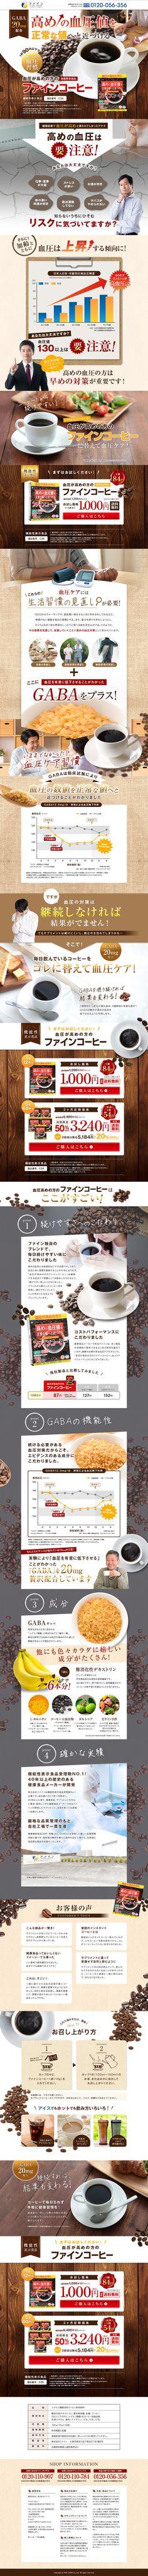 ランディングページ(LP)制作実績。大阪市東淀川区の株式会社ファインより制作依頼を受け、美容・健康・医療品の血圧が高めの方のファインコーヒー商品ページをデザイン。LPOならランディングページ制作.jp